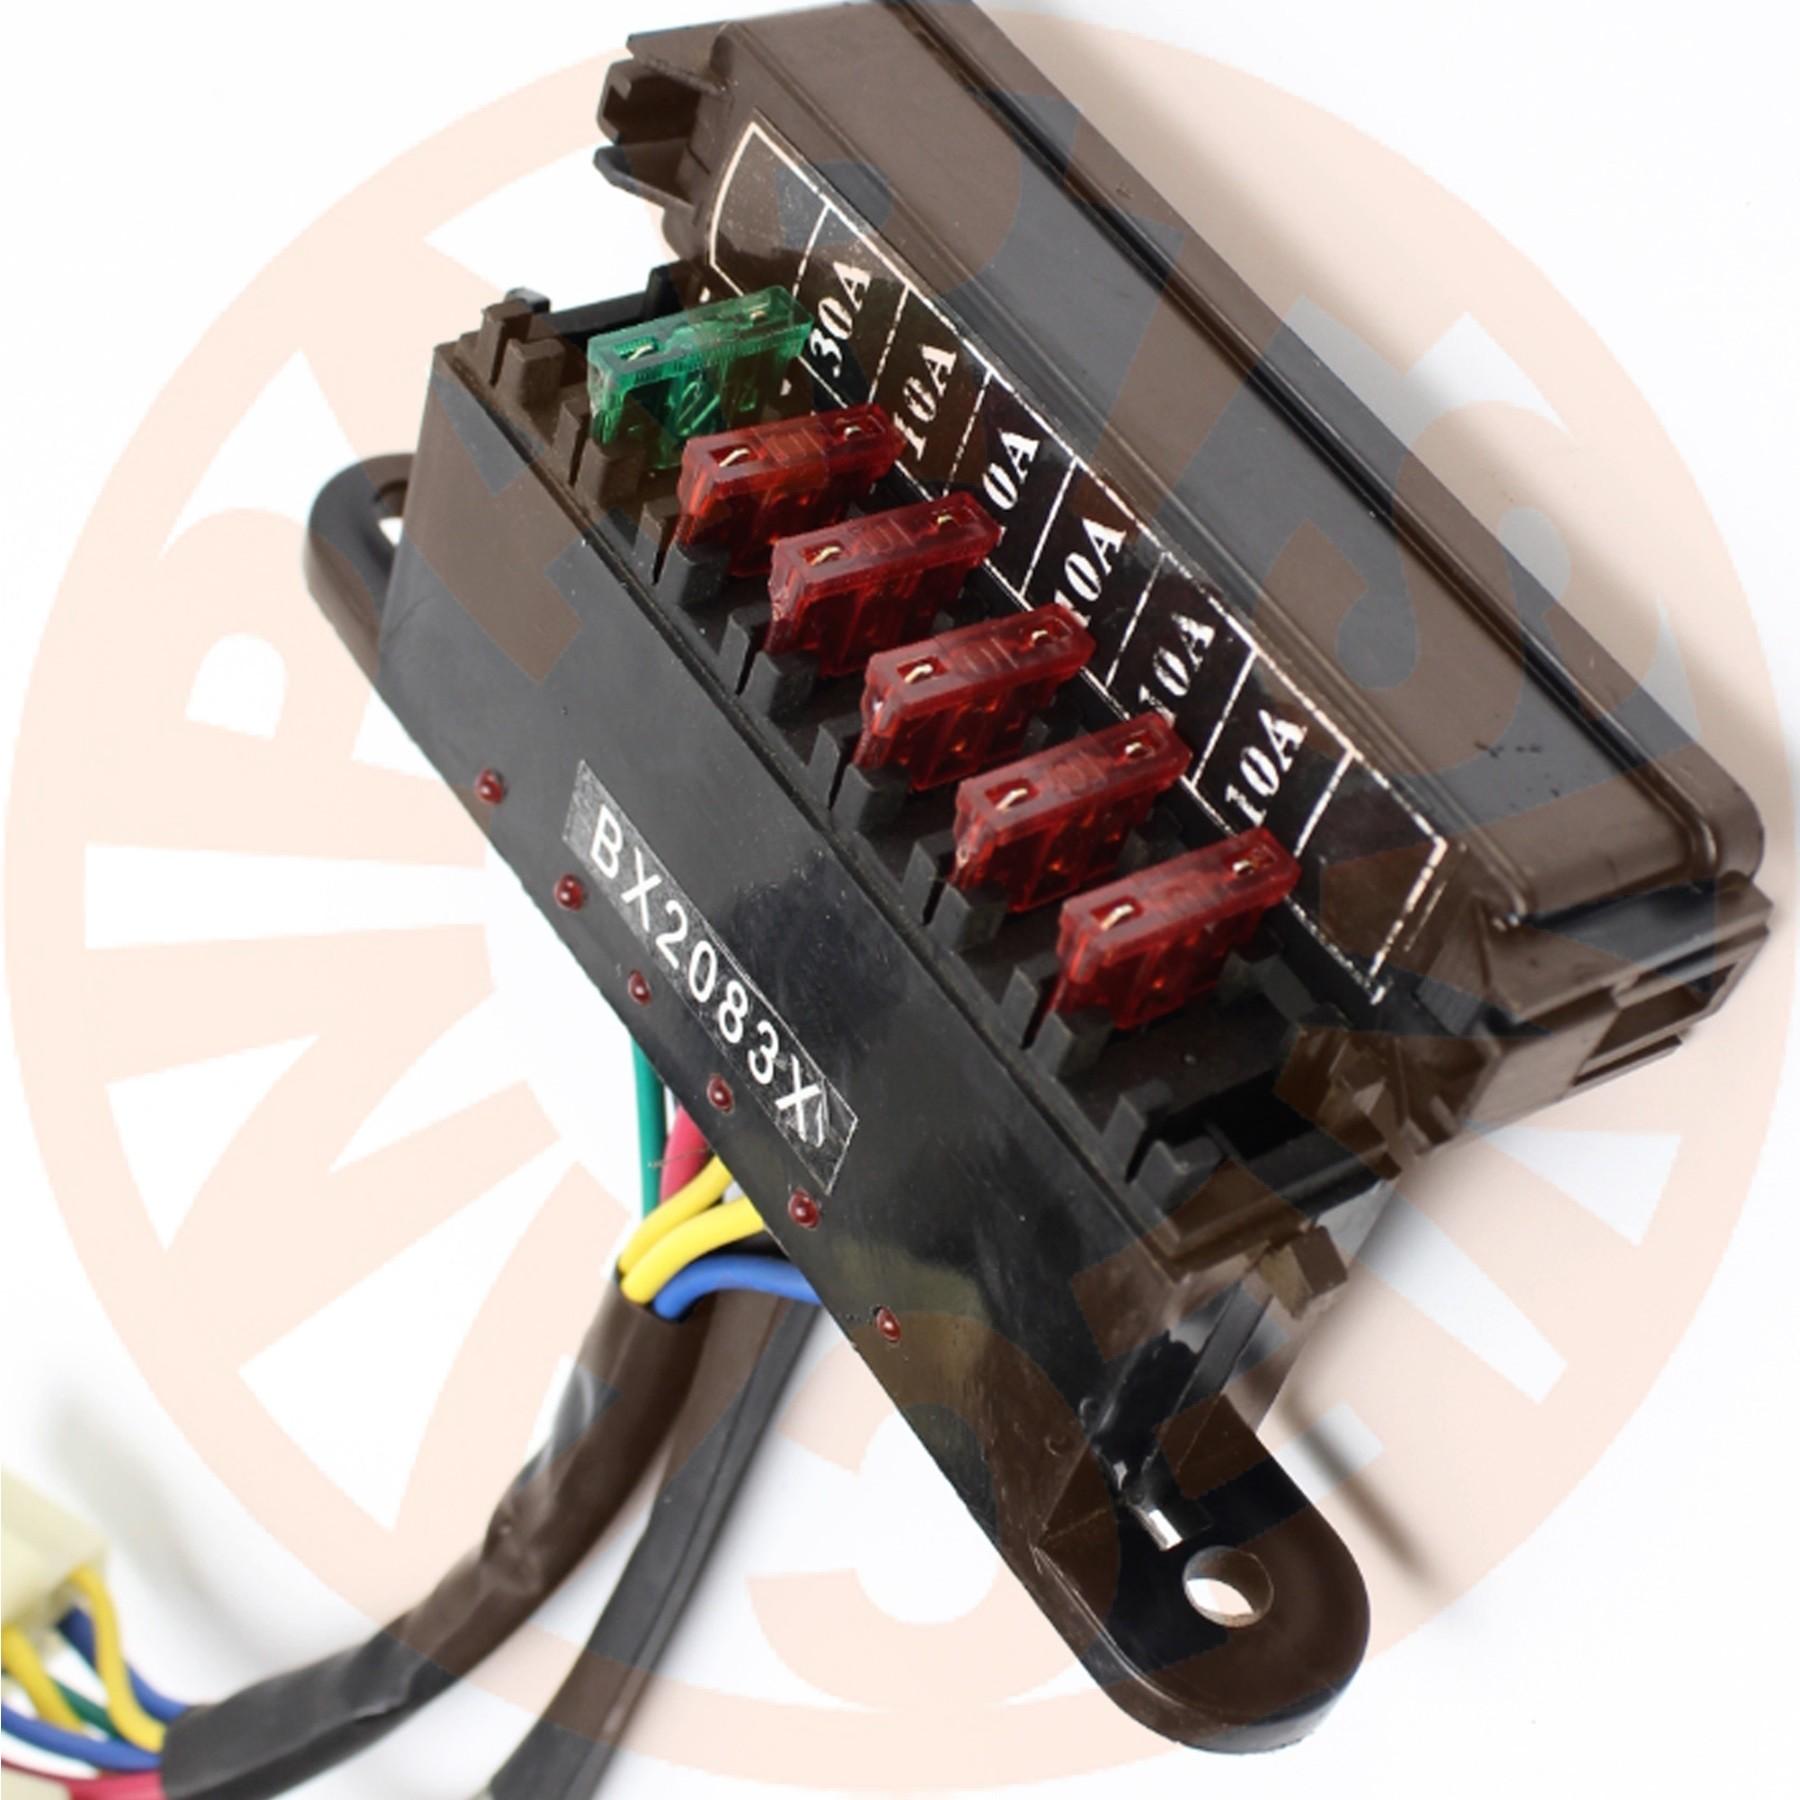 nissan forklift fuse box basic electronics wiring diagram Nissan Fuse Box 2007 nissan forklift fuse box wiring libraryfuse box bx2083x heli h2000 forklift